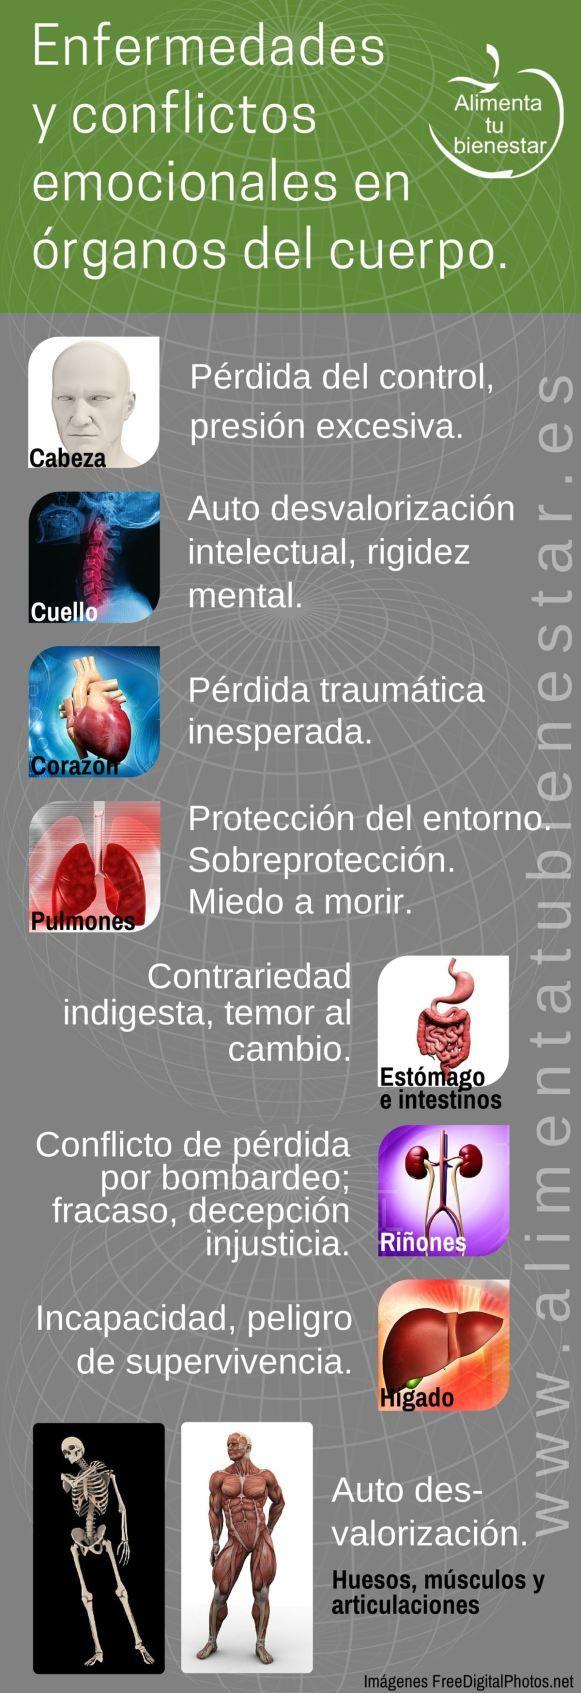 Infografia Enfermedades y conflictos emocionales en el cuerpo